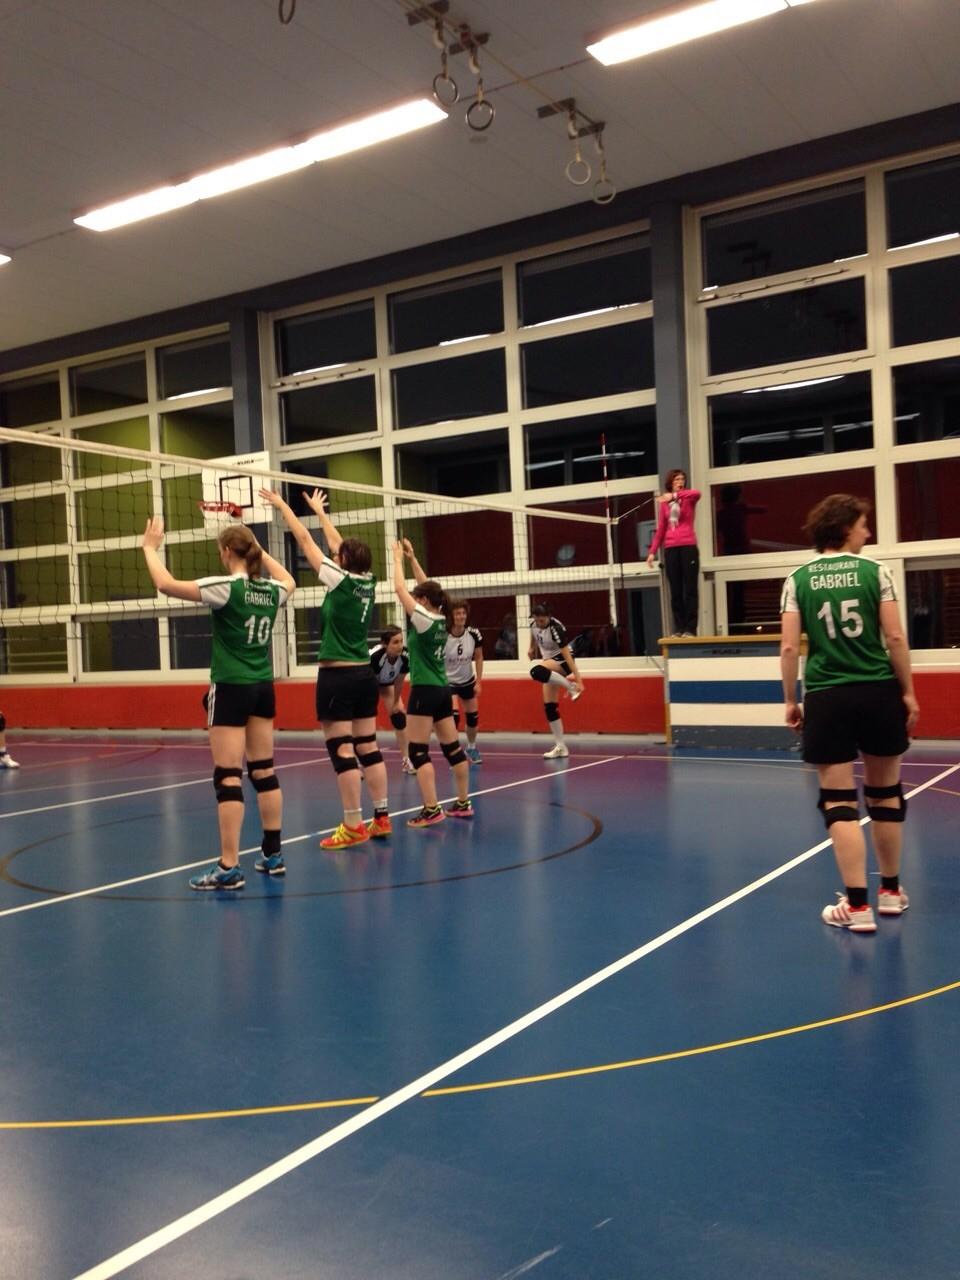 Unzuverlässiges Volleyball-Orakel